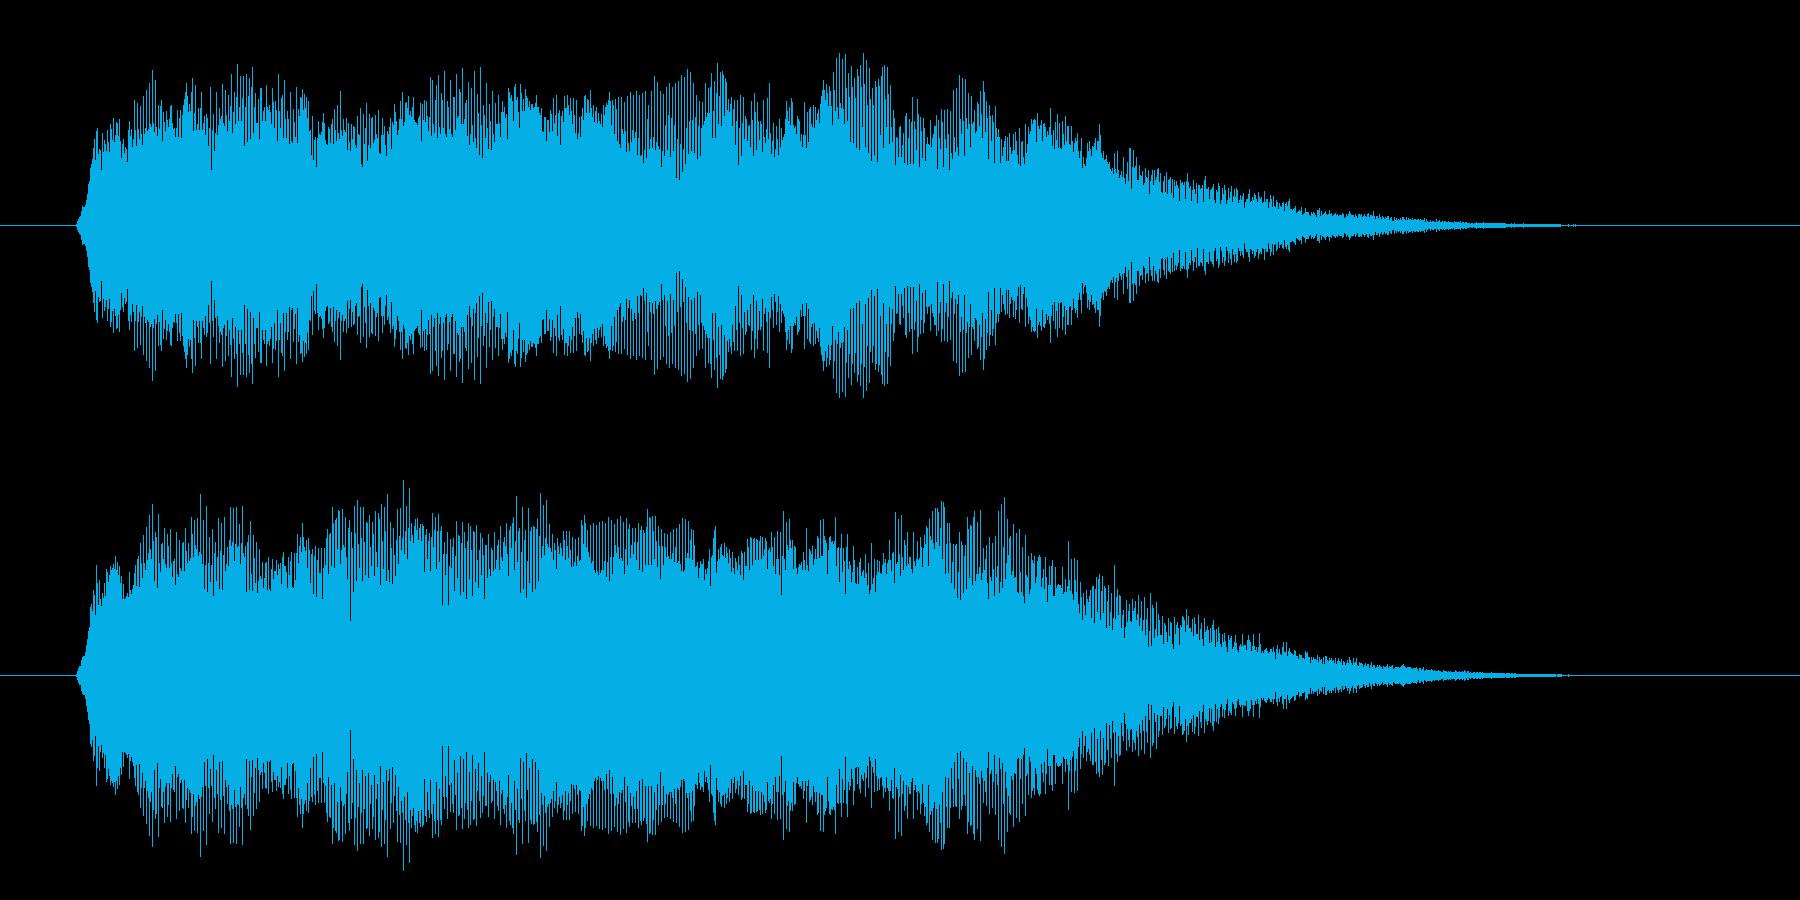 ファーン、キラキラ(宇宙、幻想的、風)の再生済みの波形